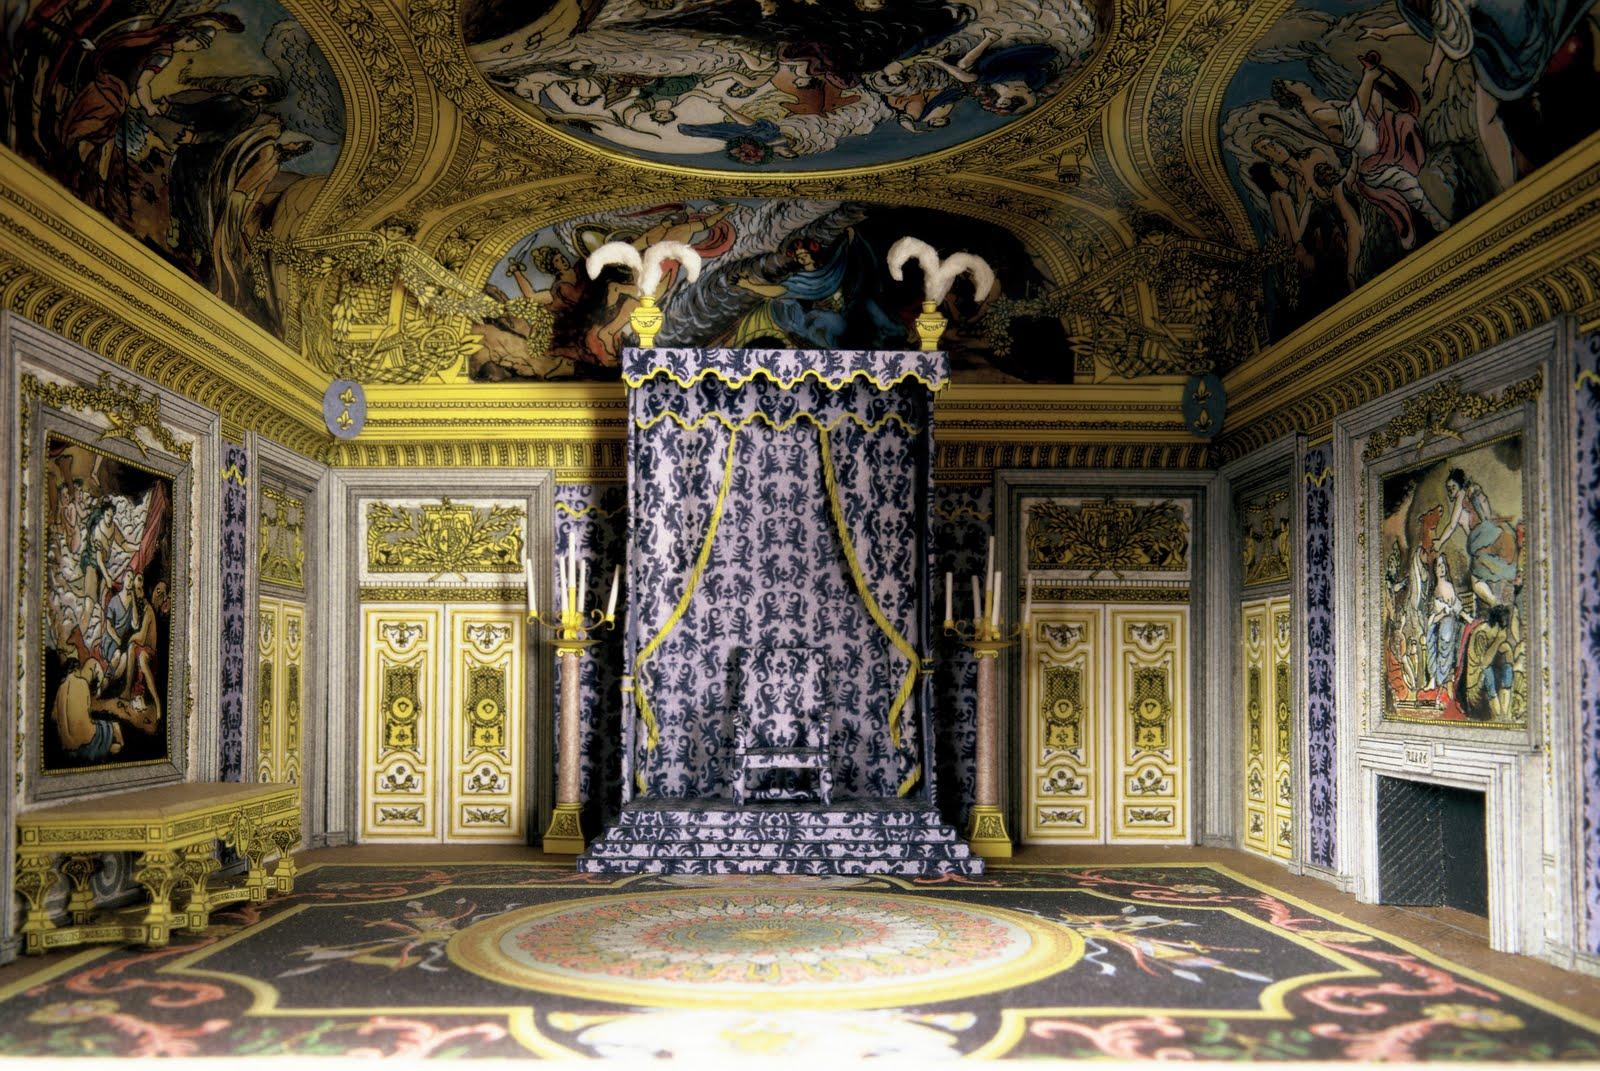 Georges banc objets exquis destin s la contemplation for Salon de versailles